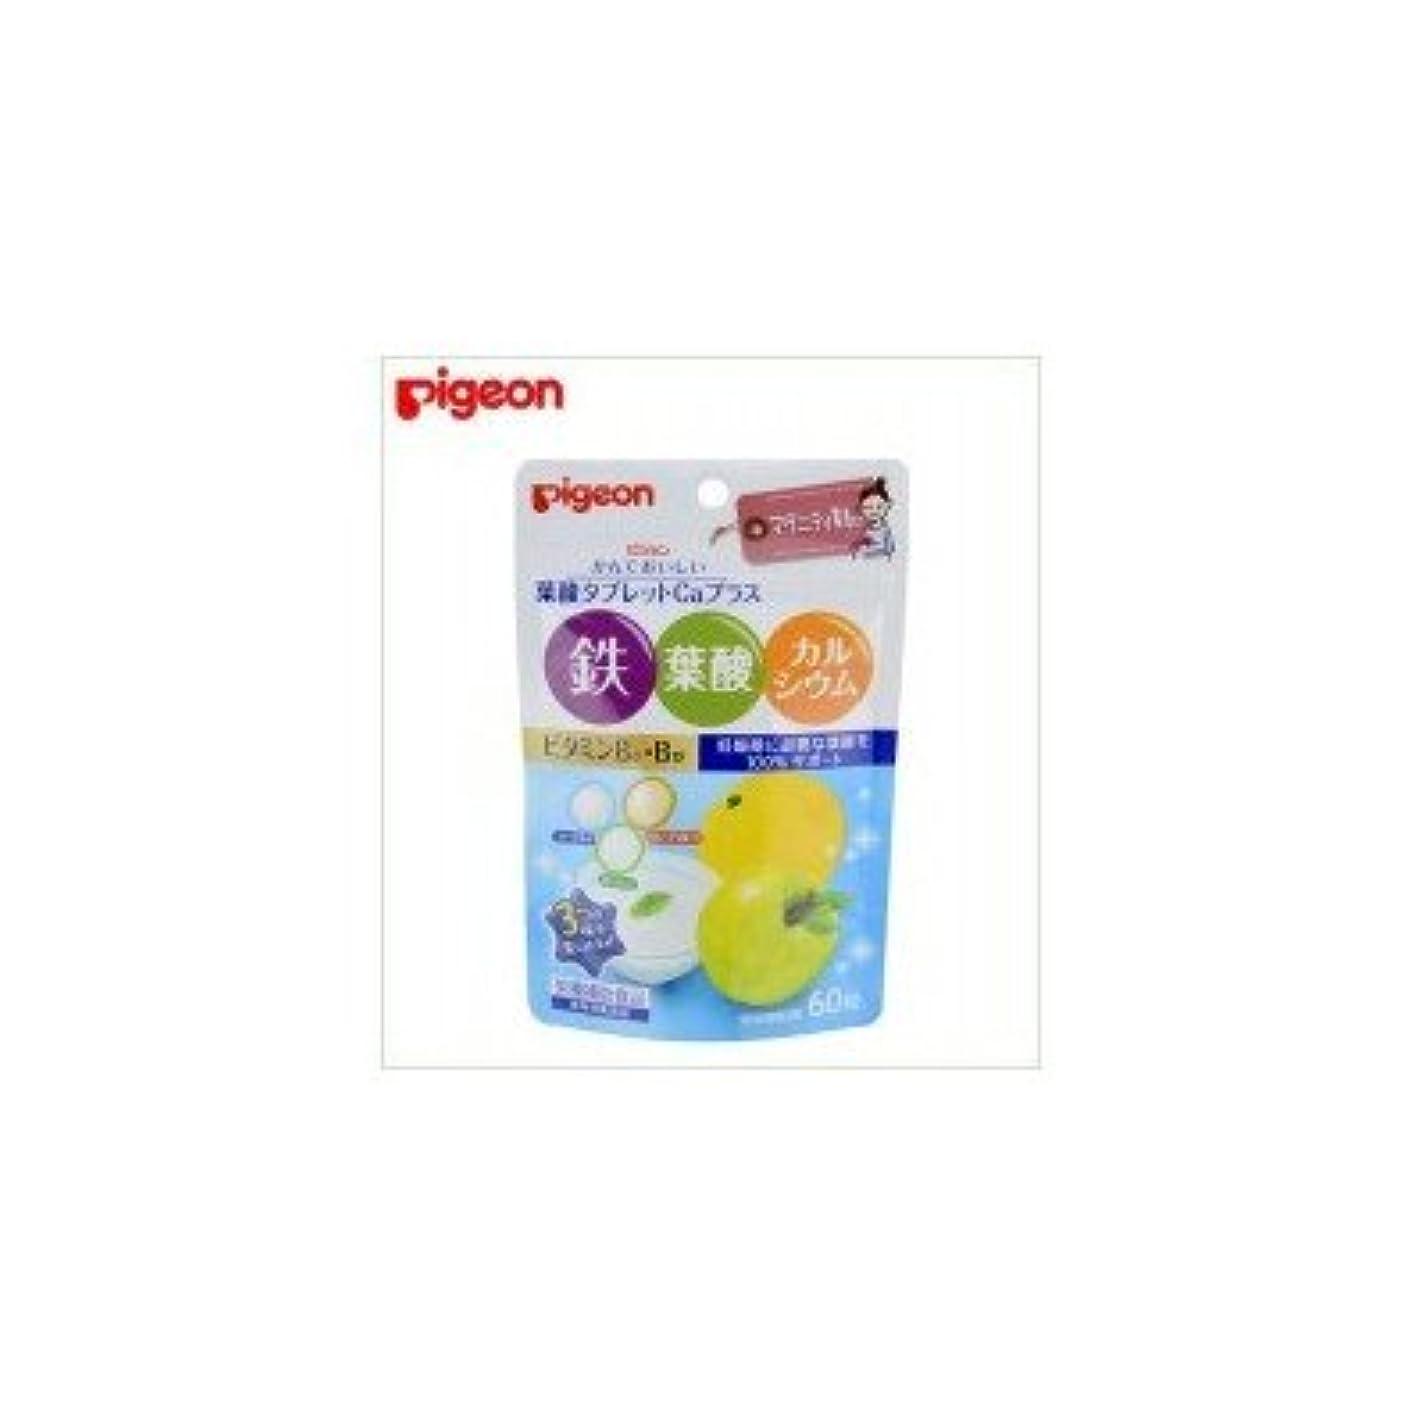 仕様反動お酒Pigeon(ピジョン) サプリメント 栄養補助食品 かんでおいしい葉酸タブレット Caプラス 60粒 20446